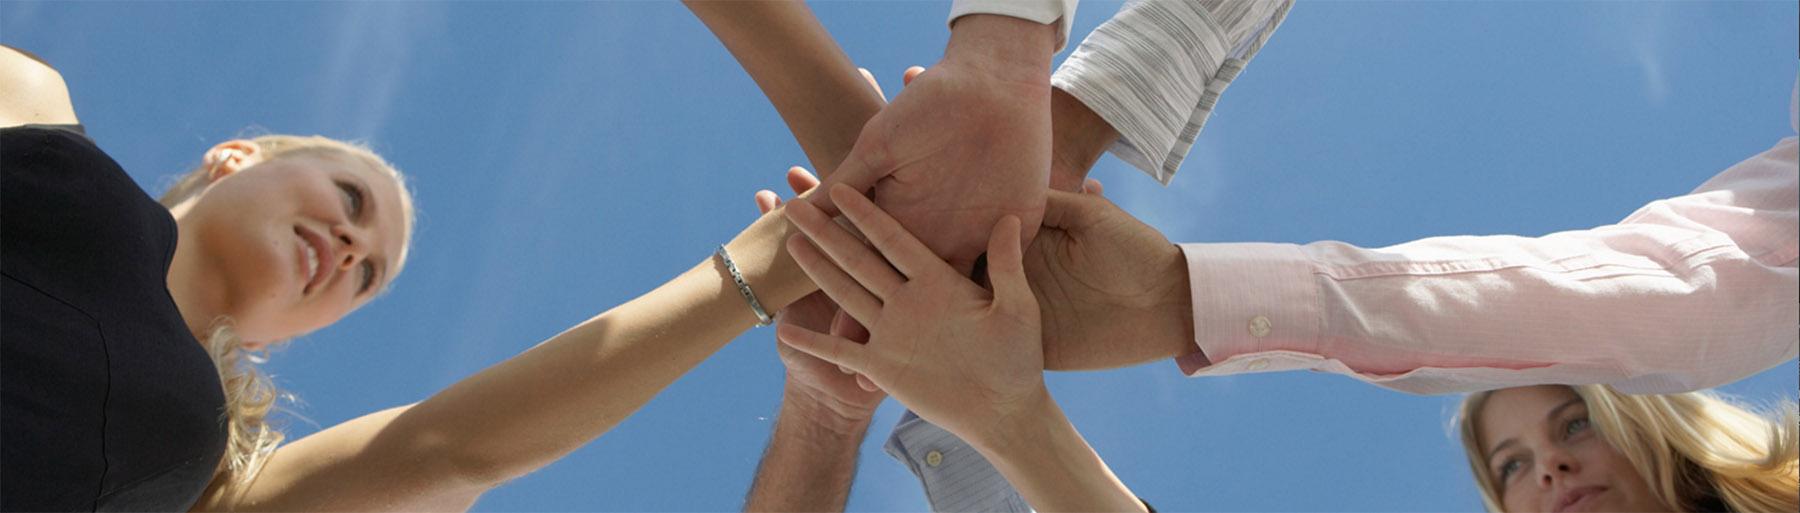 IASAP - International Association of Security Awareness Professionals